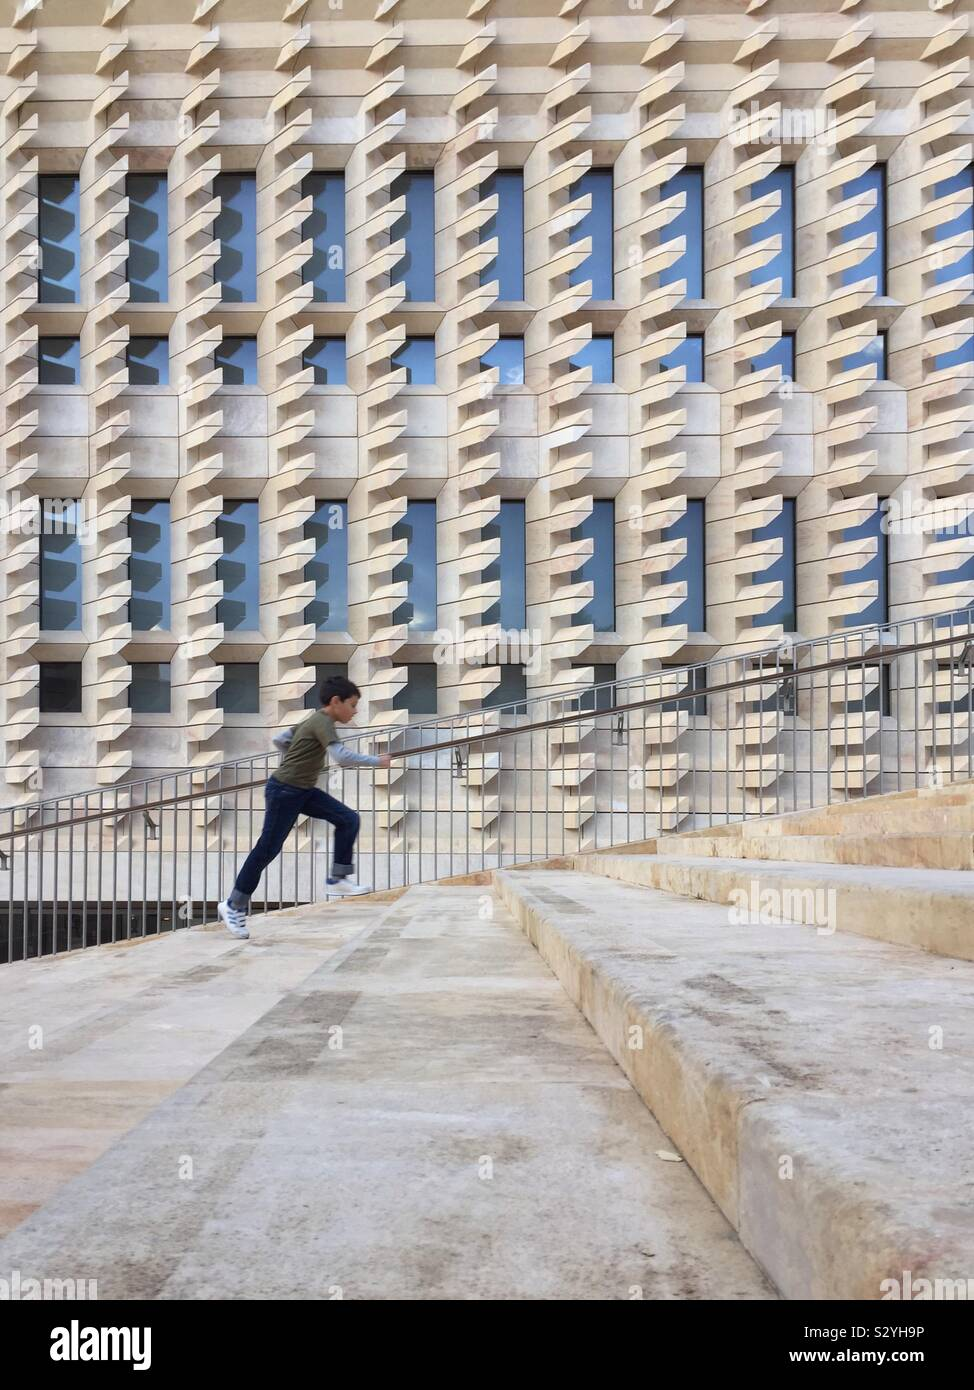 Junge läuft die Treppe hinauf in Valletta, Malta. Renzo Piano Building im Hintergrund Stockfoto